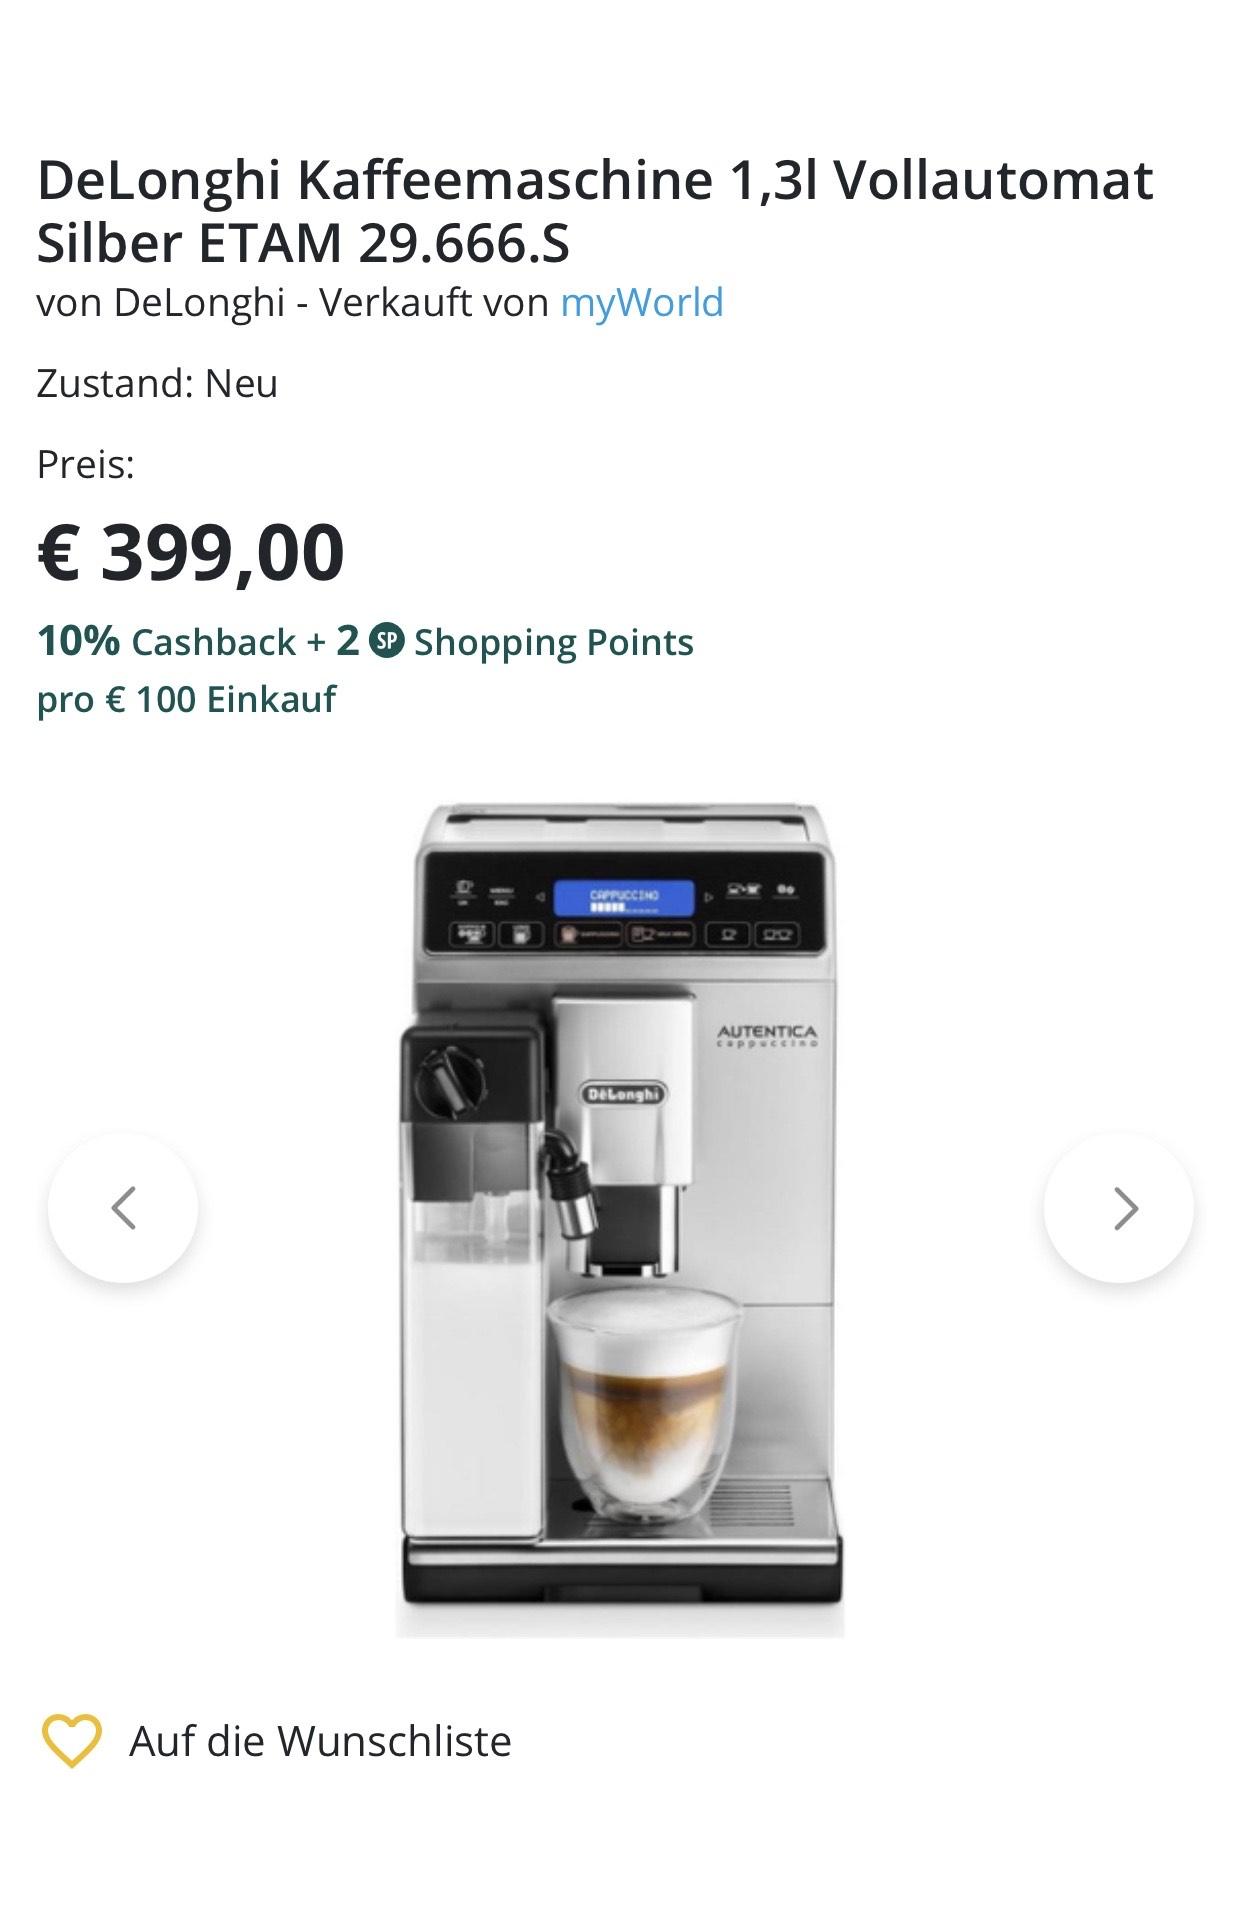 DeLonghi Kaffeemaschine 1,3l Silber ETAM 29.666.S